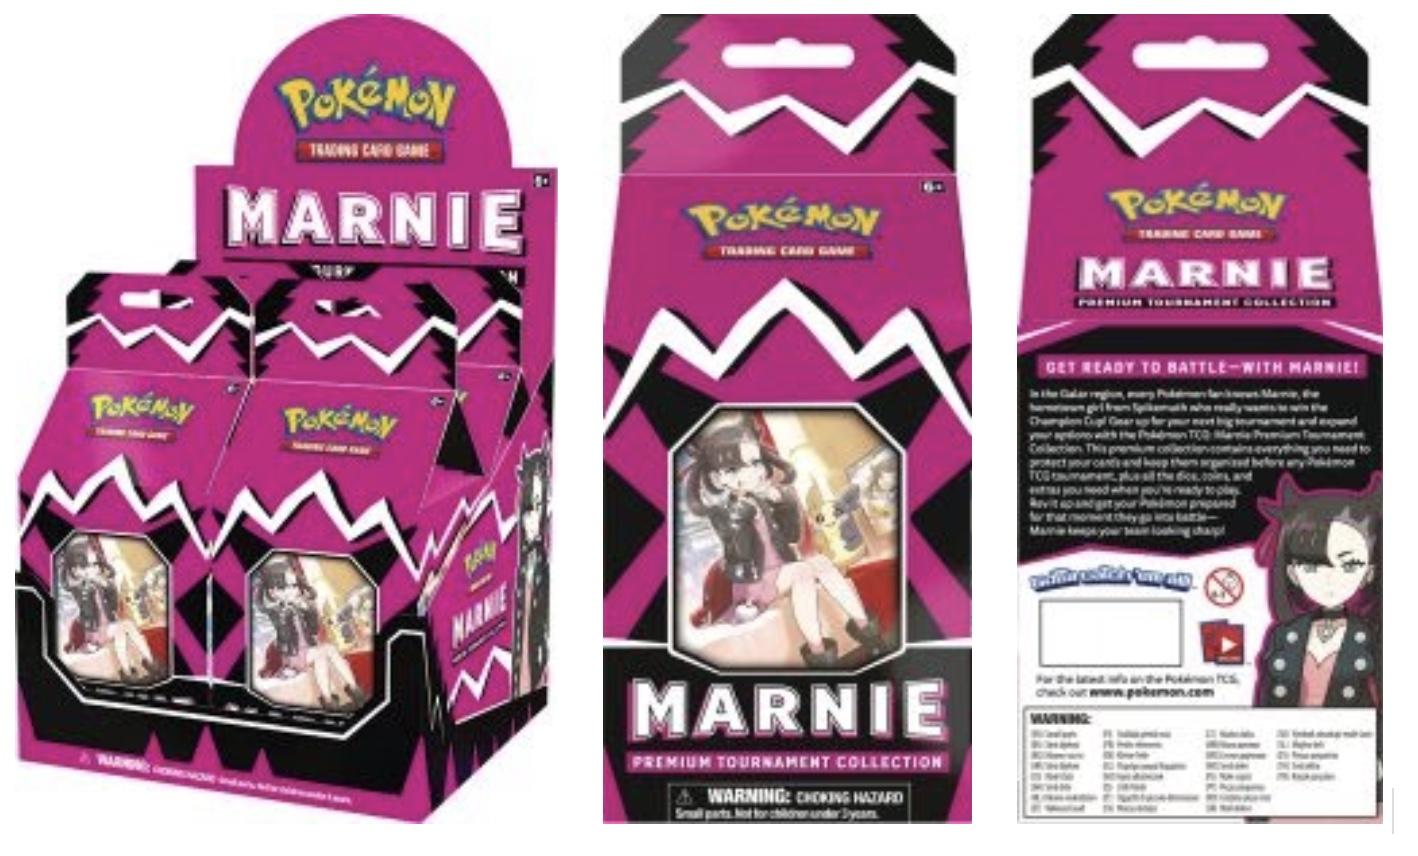 marnie1